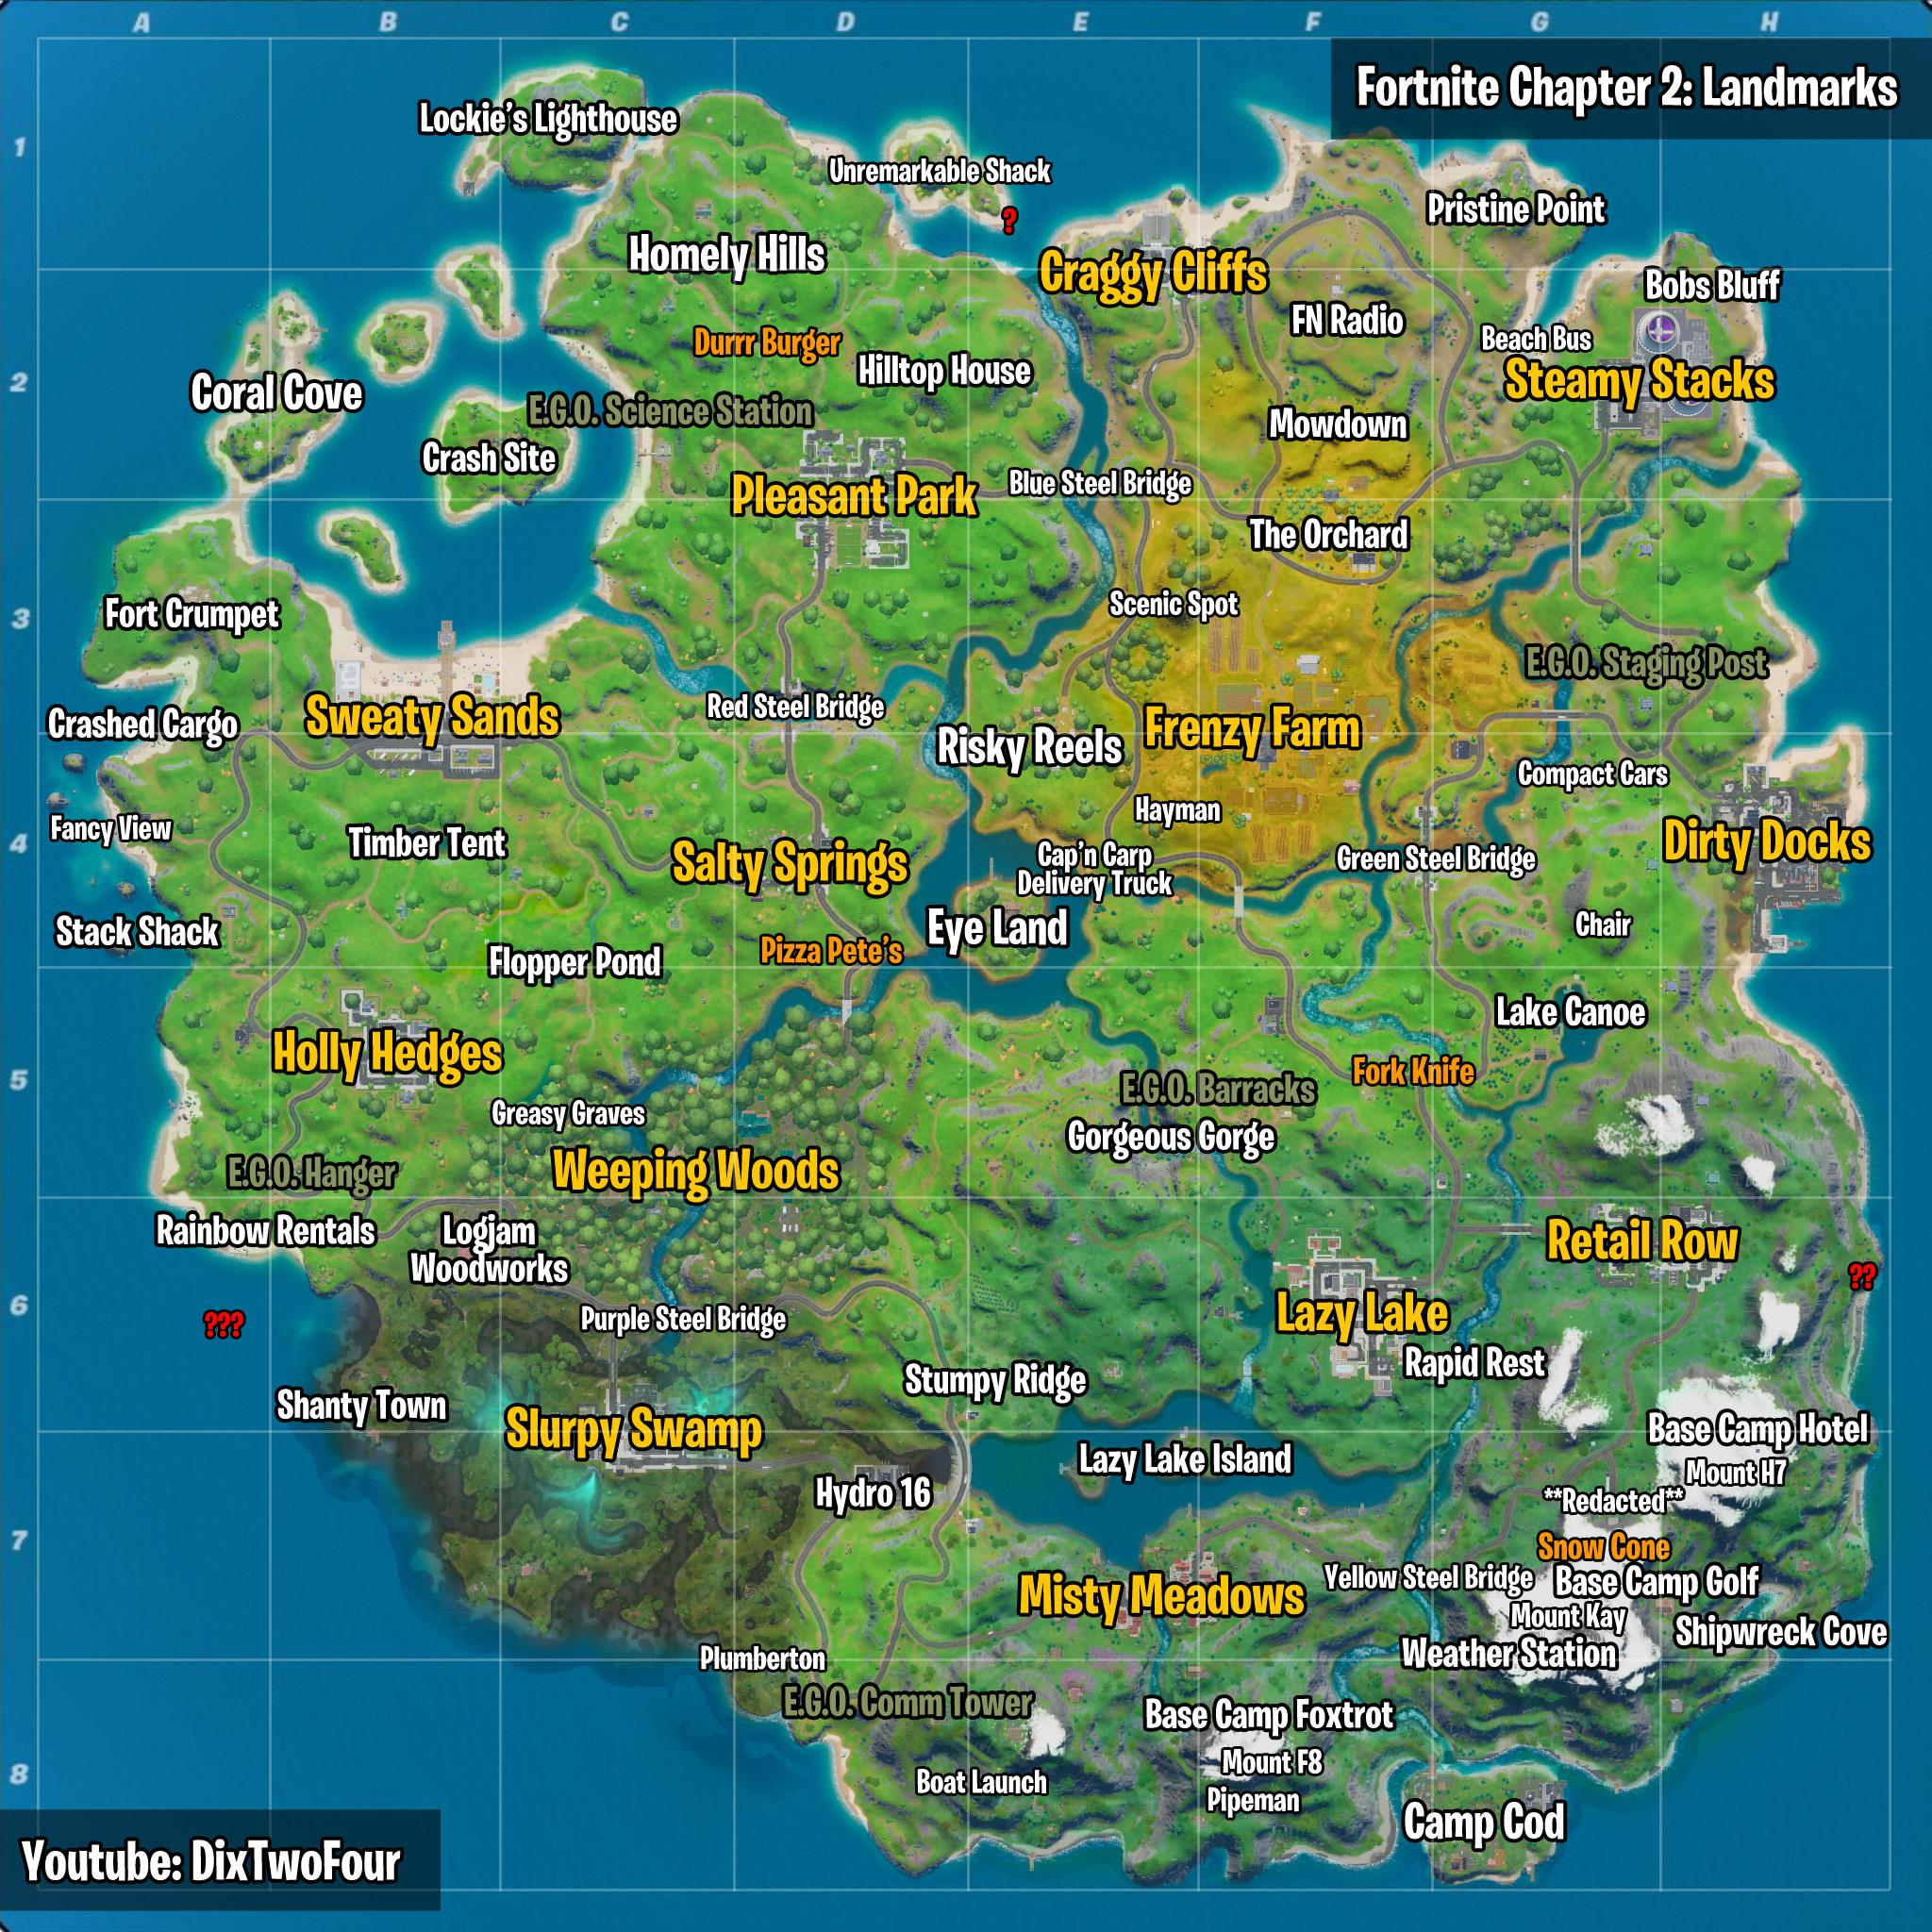 Fortnite Landmarks All Map Locations Visit Landmarks In